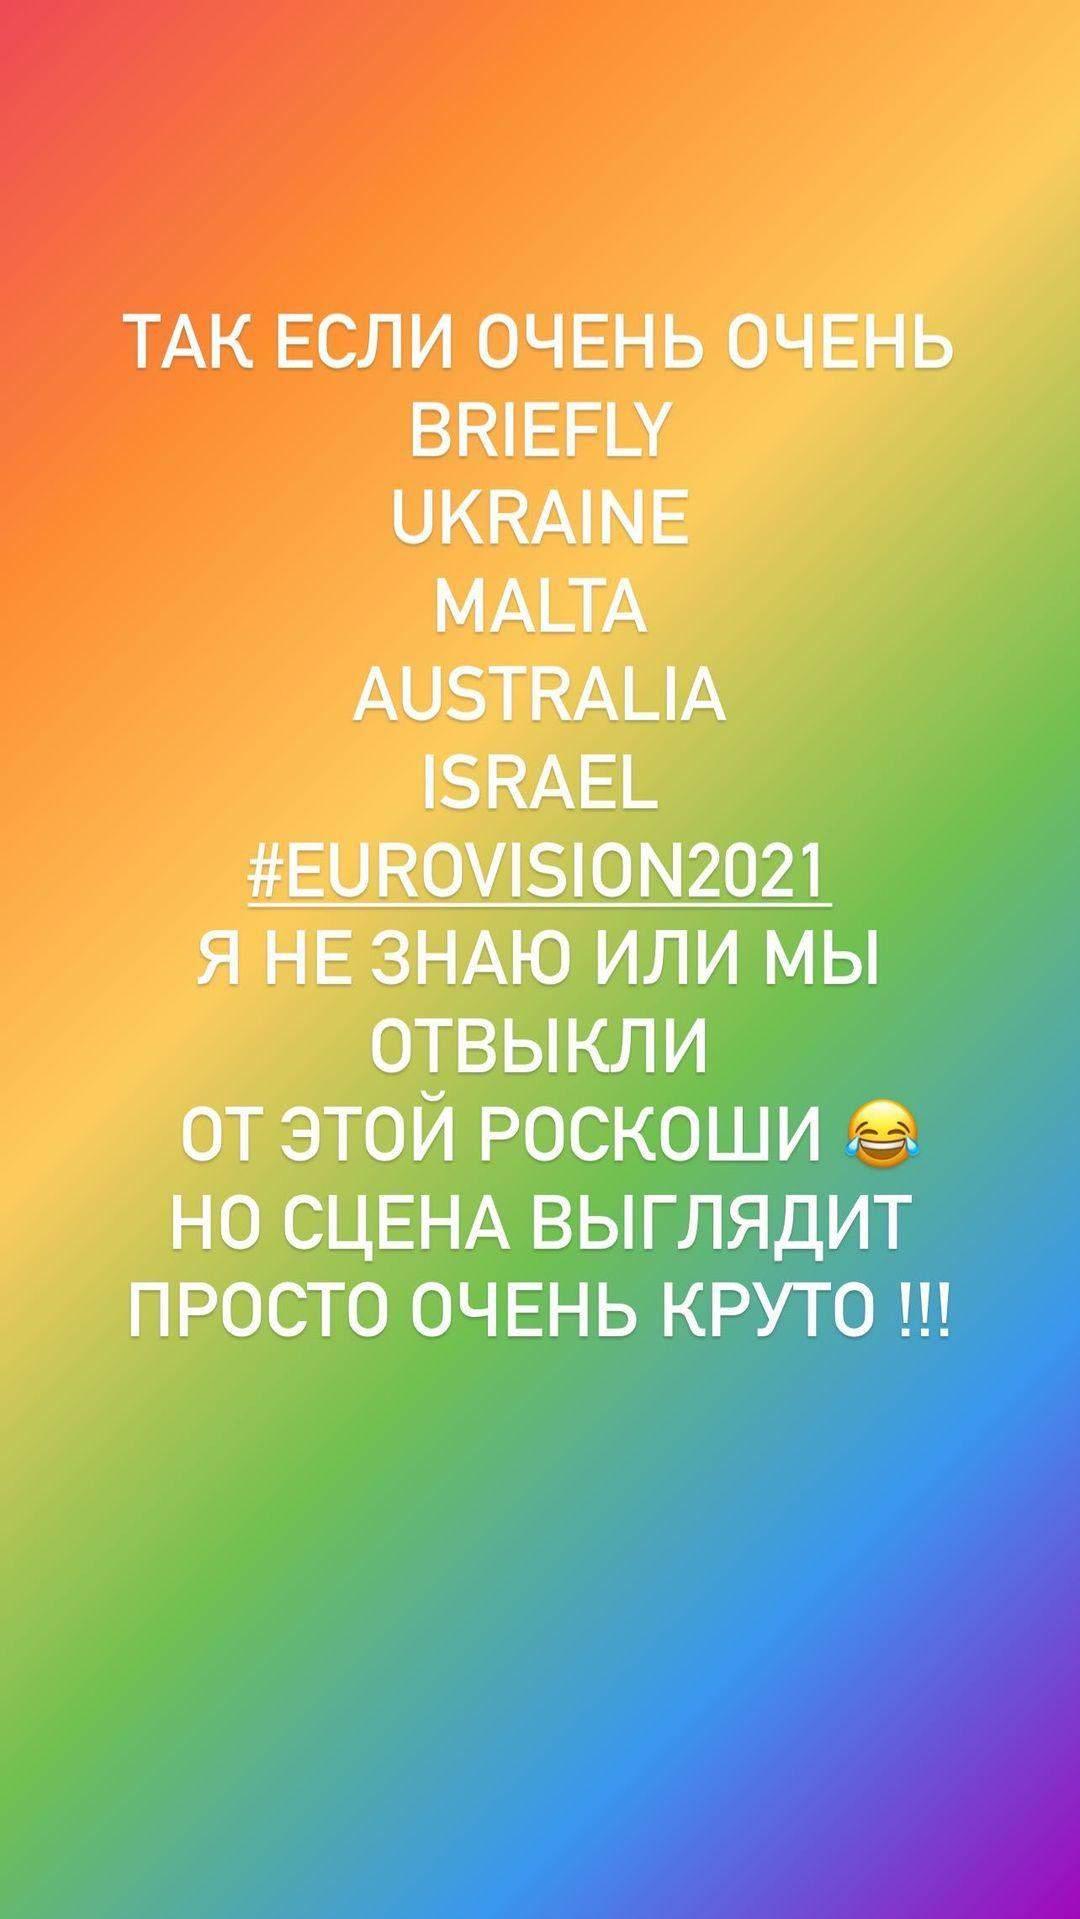 Реакція Джамали на перший півфінал Євробачення-2021 / Фото з інстаграм-сторіс співачки